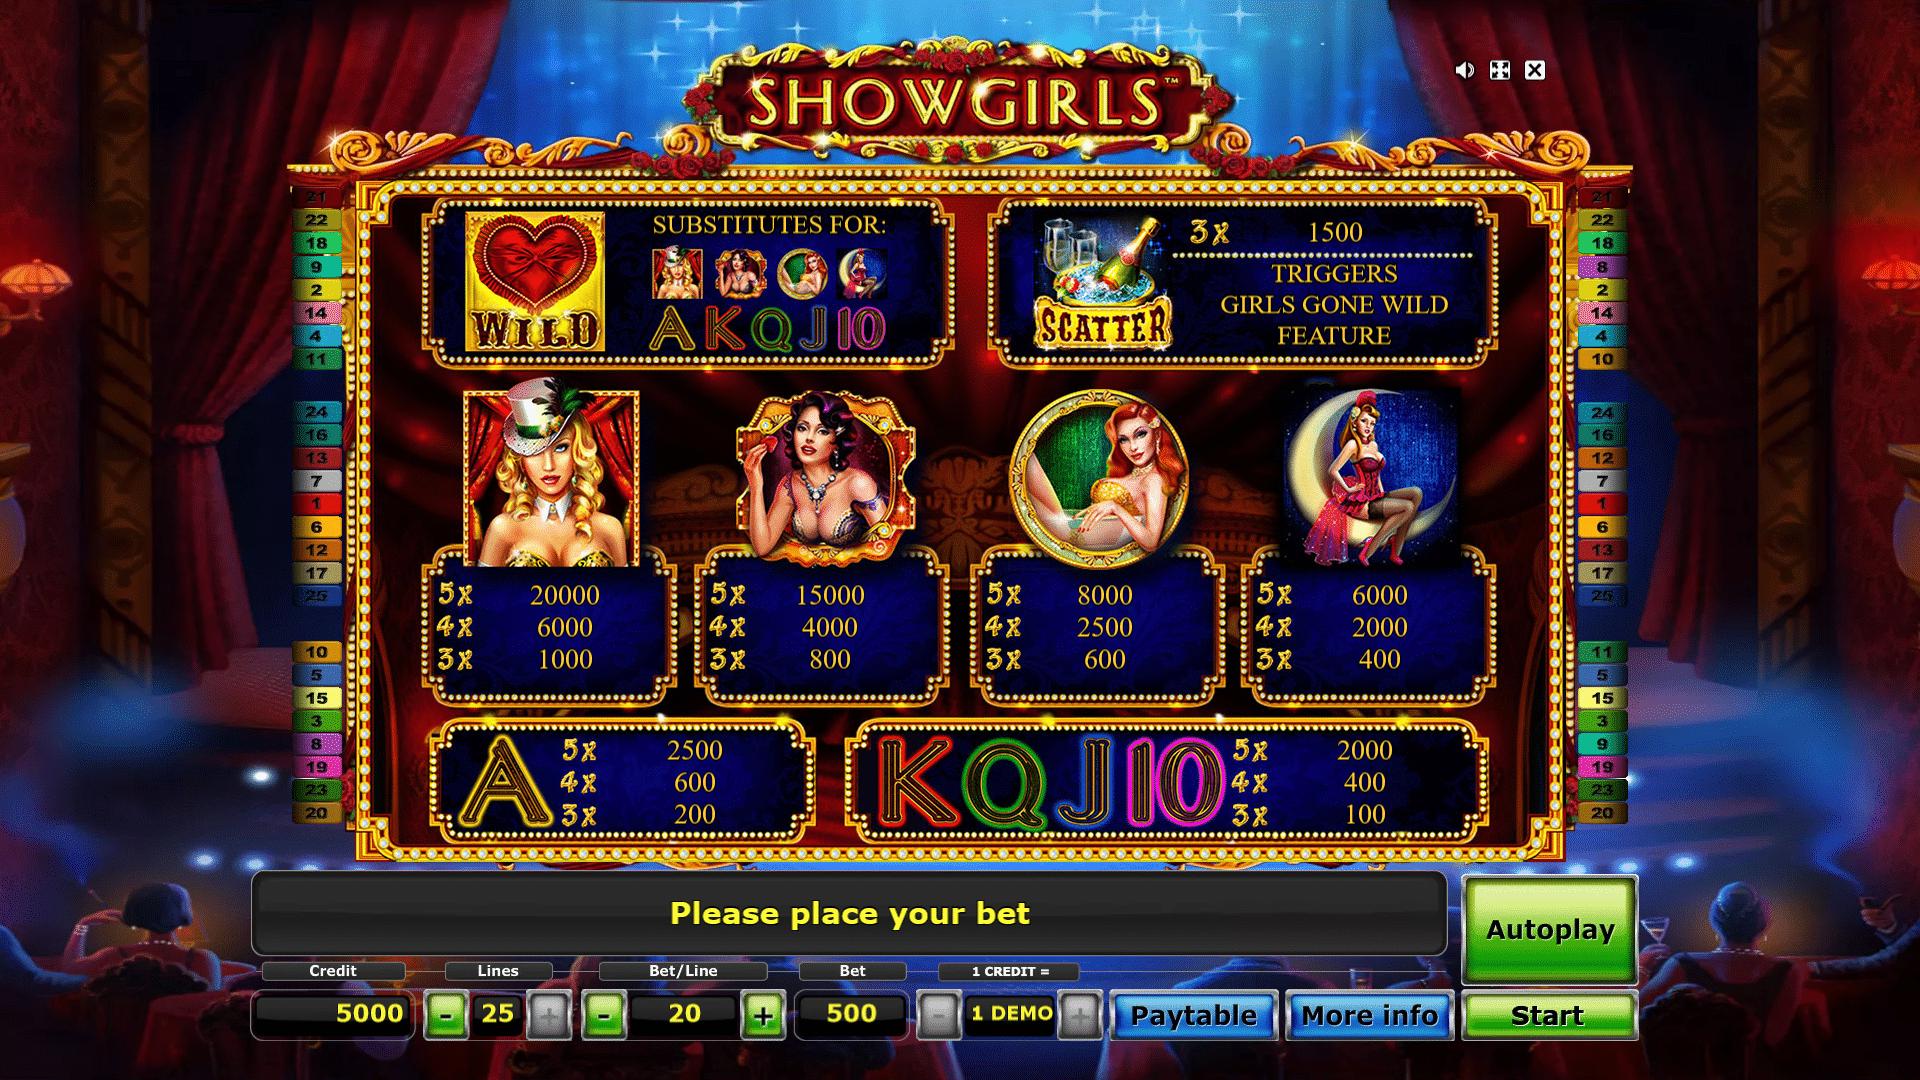 Tabella dei Pagamenti della Slot gratis Showgirls